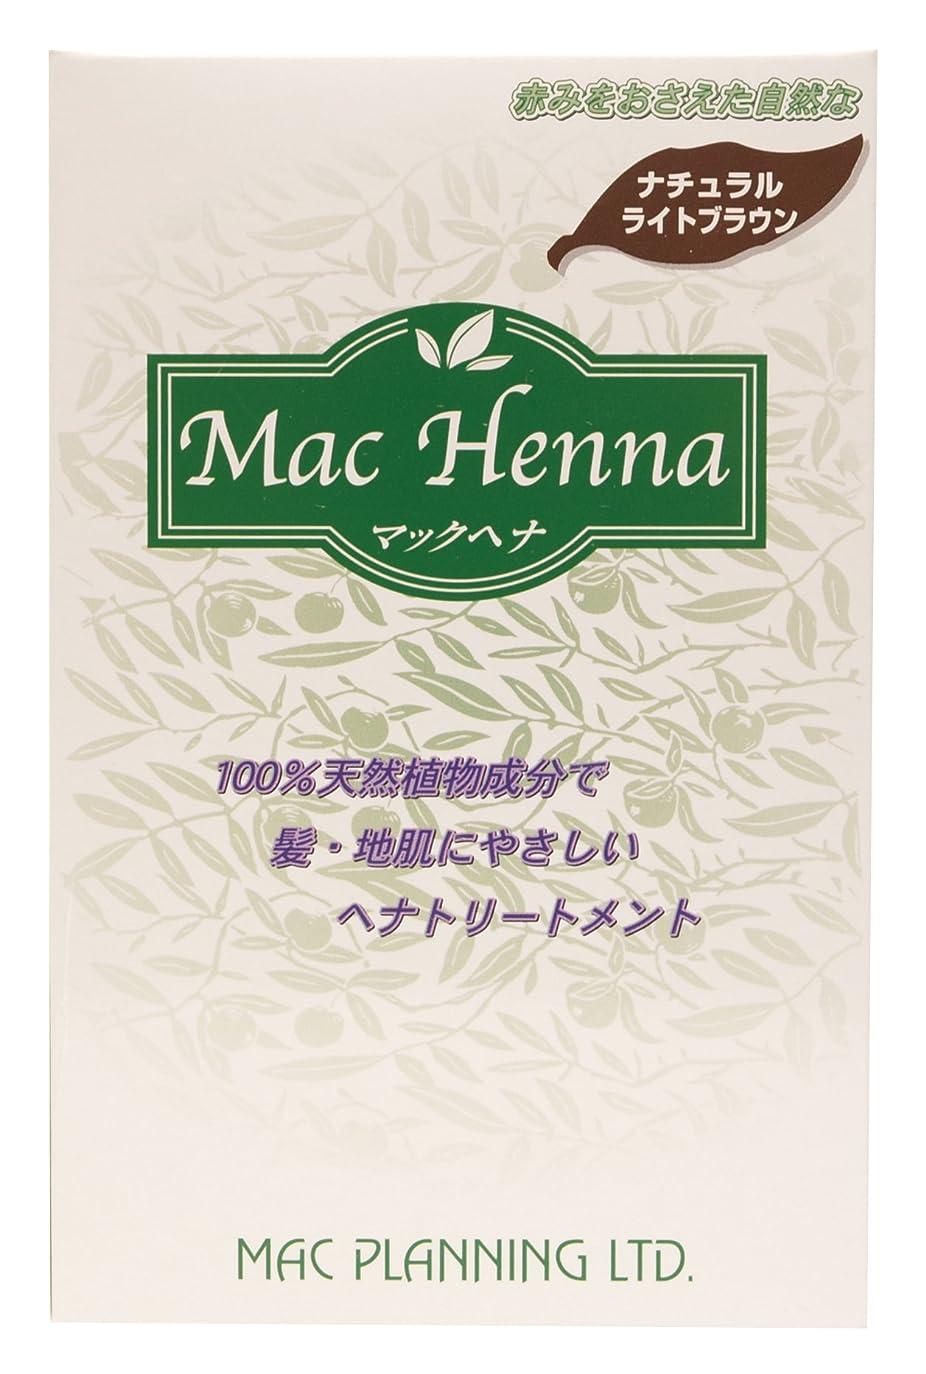 証言する環境固執天然植物原料100% 無添加 マックヘナ(ナチュラルライトブラウン)‐4 100g  6箱セット